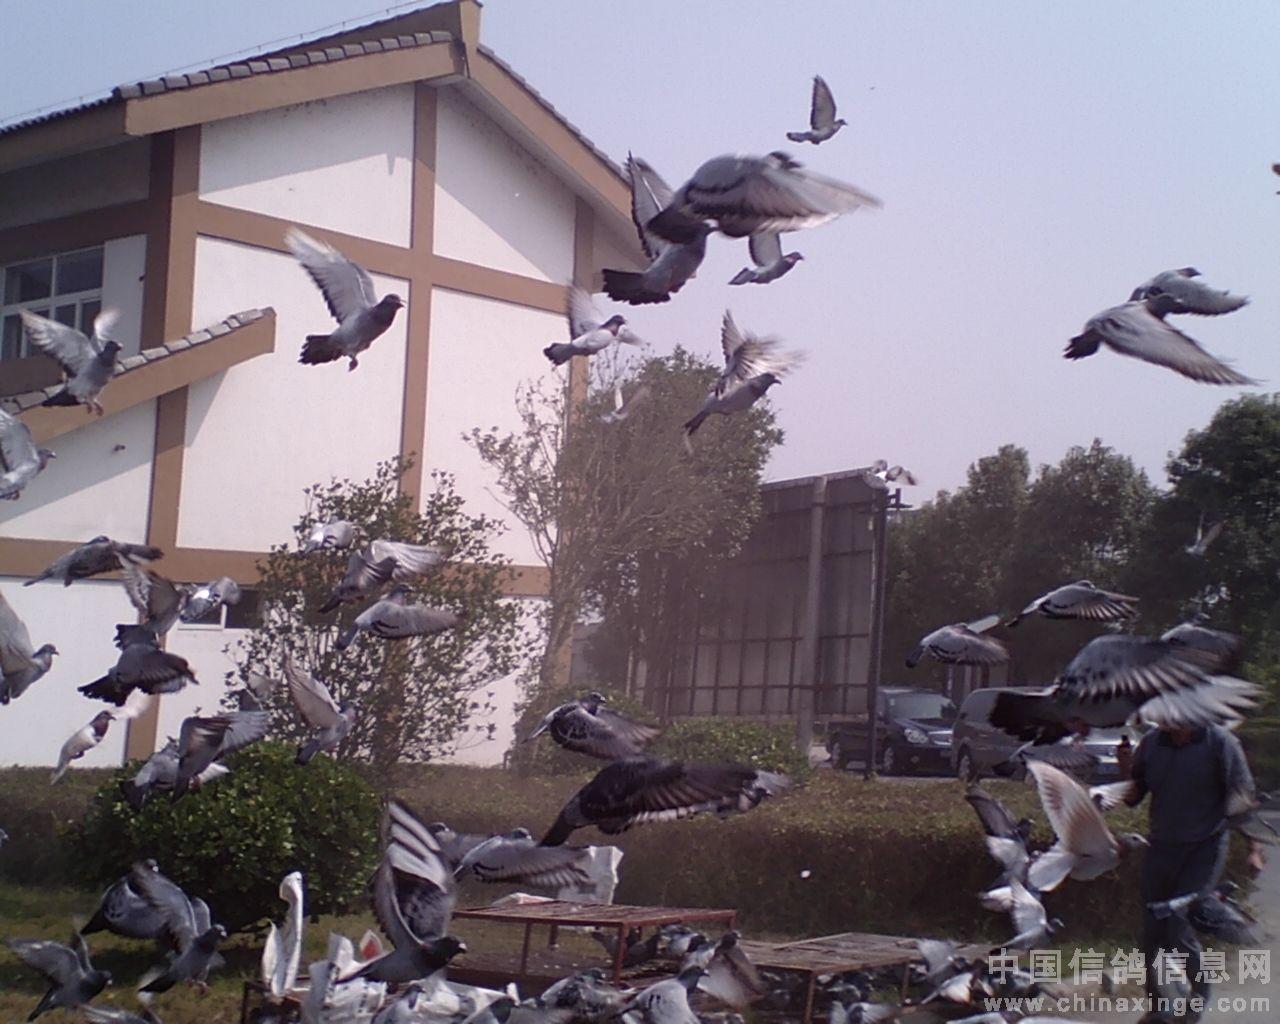 海安/祝贺海安信鸽协会2009 年秋幼鸽特比环圆满成功